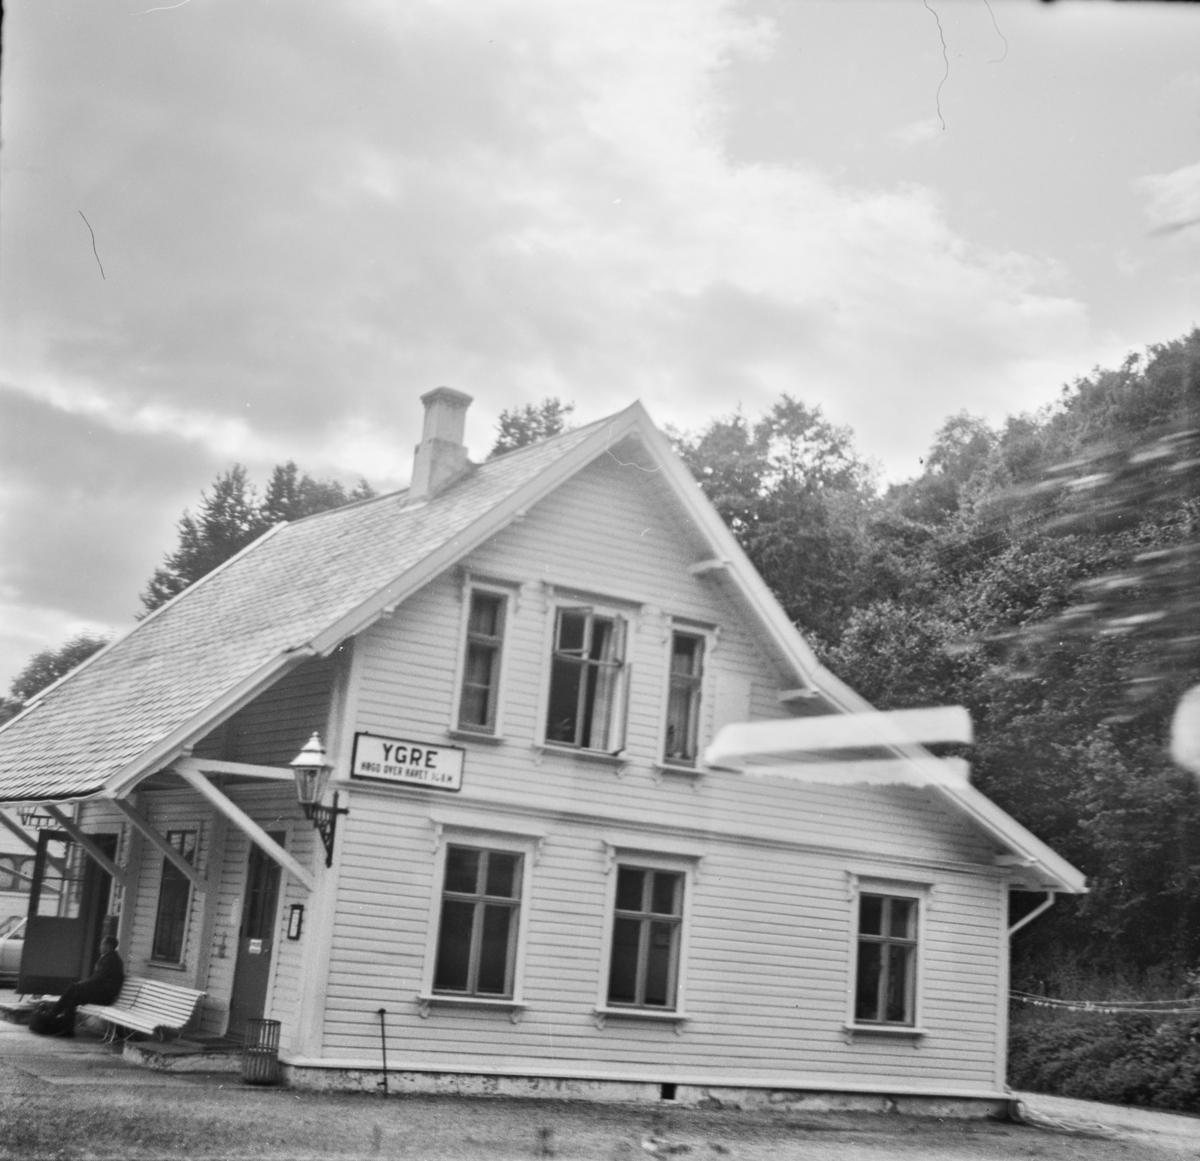 Ygre stasjon på Bergensbanen. Bygningen ble opprinnelig oppført på Nesttun stasjon på Vossebanen, men ble flyttet til Ygre etter Bergensbanens åpning.